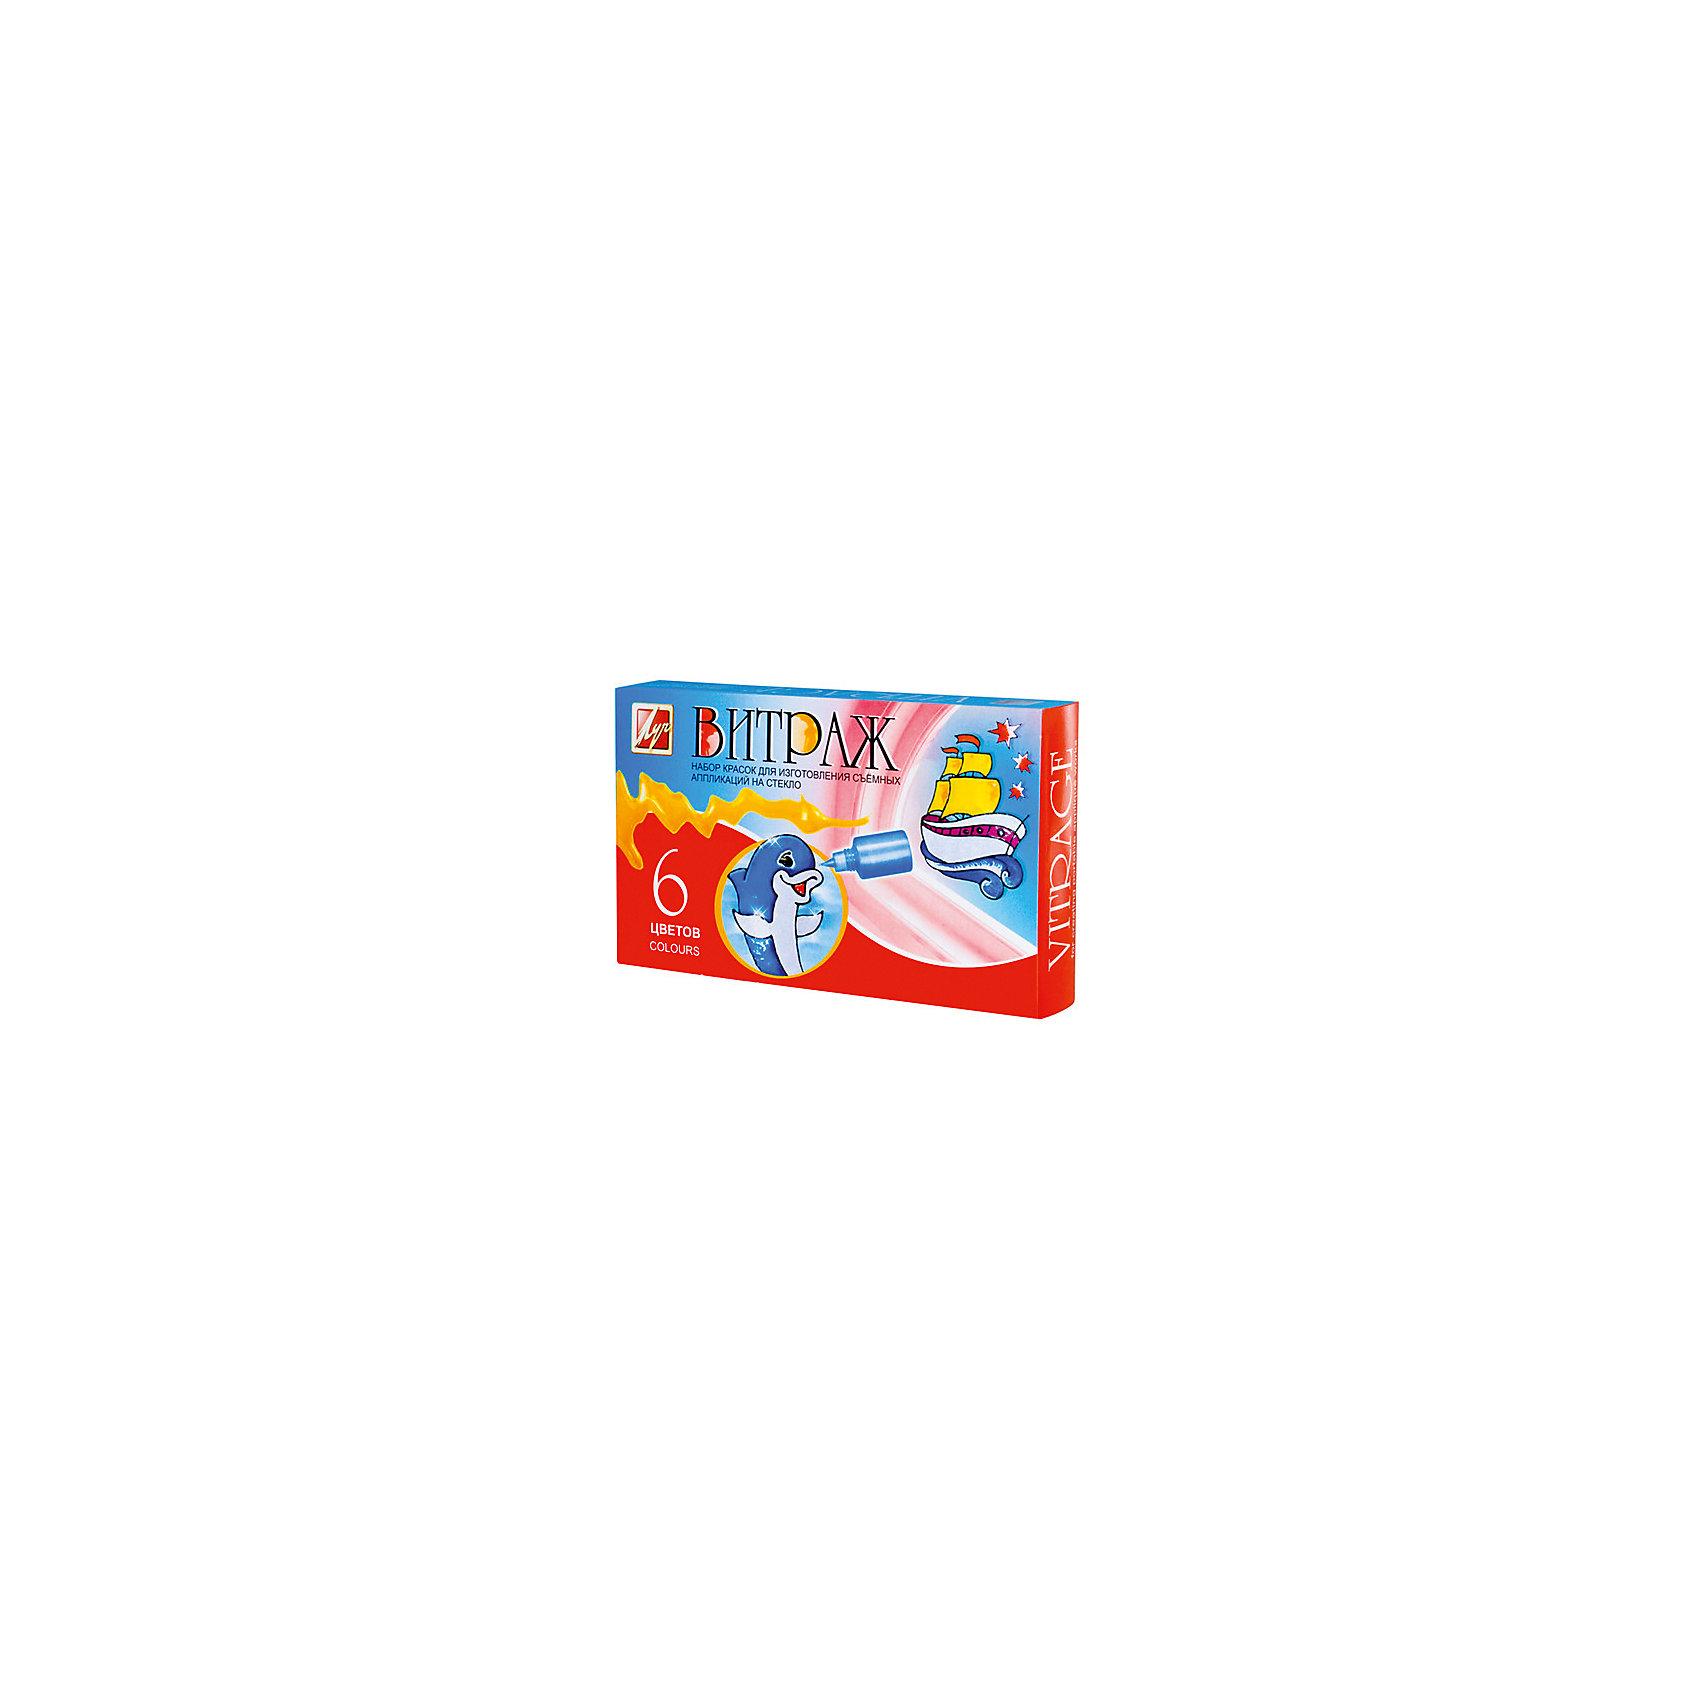 Витражные краски 6 цветовВитражи<br>Характеристики:<br><br>• Предназначение: для занятий художественным творчеством<br>• Пол: универсальный<br>• Тематика трафаретов: животные, динозавр, вертолет, машина, гриб и др.<br>• Количество цветов: 6 цветов в тюбиках<br>• Комплектация: краски, трафареты, пленка-файл, запасные колпачки<br>• Тип краски: витражная<br>• Материал: акриловые краски, пластик<br>• Размеры упаковки (Д*Ш*В): 18,5*3*11 см<br>• Вес упаковки: 235 г <br>• Упаковка: картонная коробка<br><br>Витражные краски 6 цветов от одного из ведущих производителей канцелярии и товаров для творчества выполнен из материалов и приспособлений, необходимых для создания витражей. Набор состоит из 6 тюбиков с красками и трафаретов. Витражные краски от Луча отличаются яркостью и стойкостью цветов, краски при нанесении на поверхность не растекаются, хорошо переносят перепады температуры и влажности. Набор предназначен для создания объемных аппликаций, благодаря особому составу красок, готовые картинки надежно держатся на стеклянных и зеркальных поверхностях. Краски гипоаллергенны, не имеют запаха, поэтому они безопасны для детского творчества. <br>Занятия художественным творчеством развивают мелкую моторику рук, способствуют формированию художественно-эстетического вкуса и дарят хорошее настроение не только ребенку, но и окружающим!<br><br>Витражные краски 6 цветов можно купить в нашем интернет-магазине.<br><br>Ширина мм: 121<br>Глубина мм: 35<br>Высота мм: 178<br>Вес г: 241<br>Возраст от месяцев: 36<br>Возраст до месяцев: 180<br>Пол: Унисекс<br>Возраст: Детский<br>SKU: 5188795